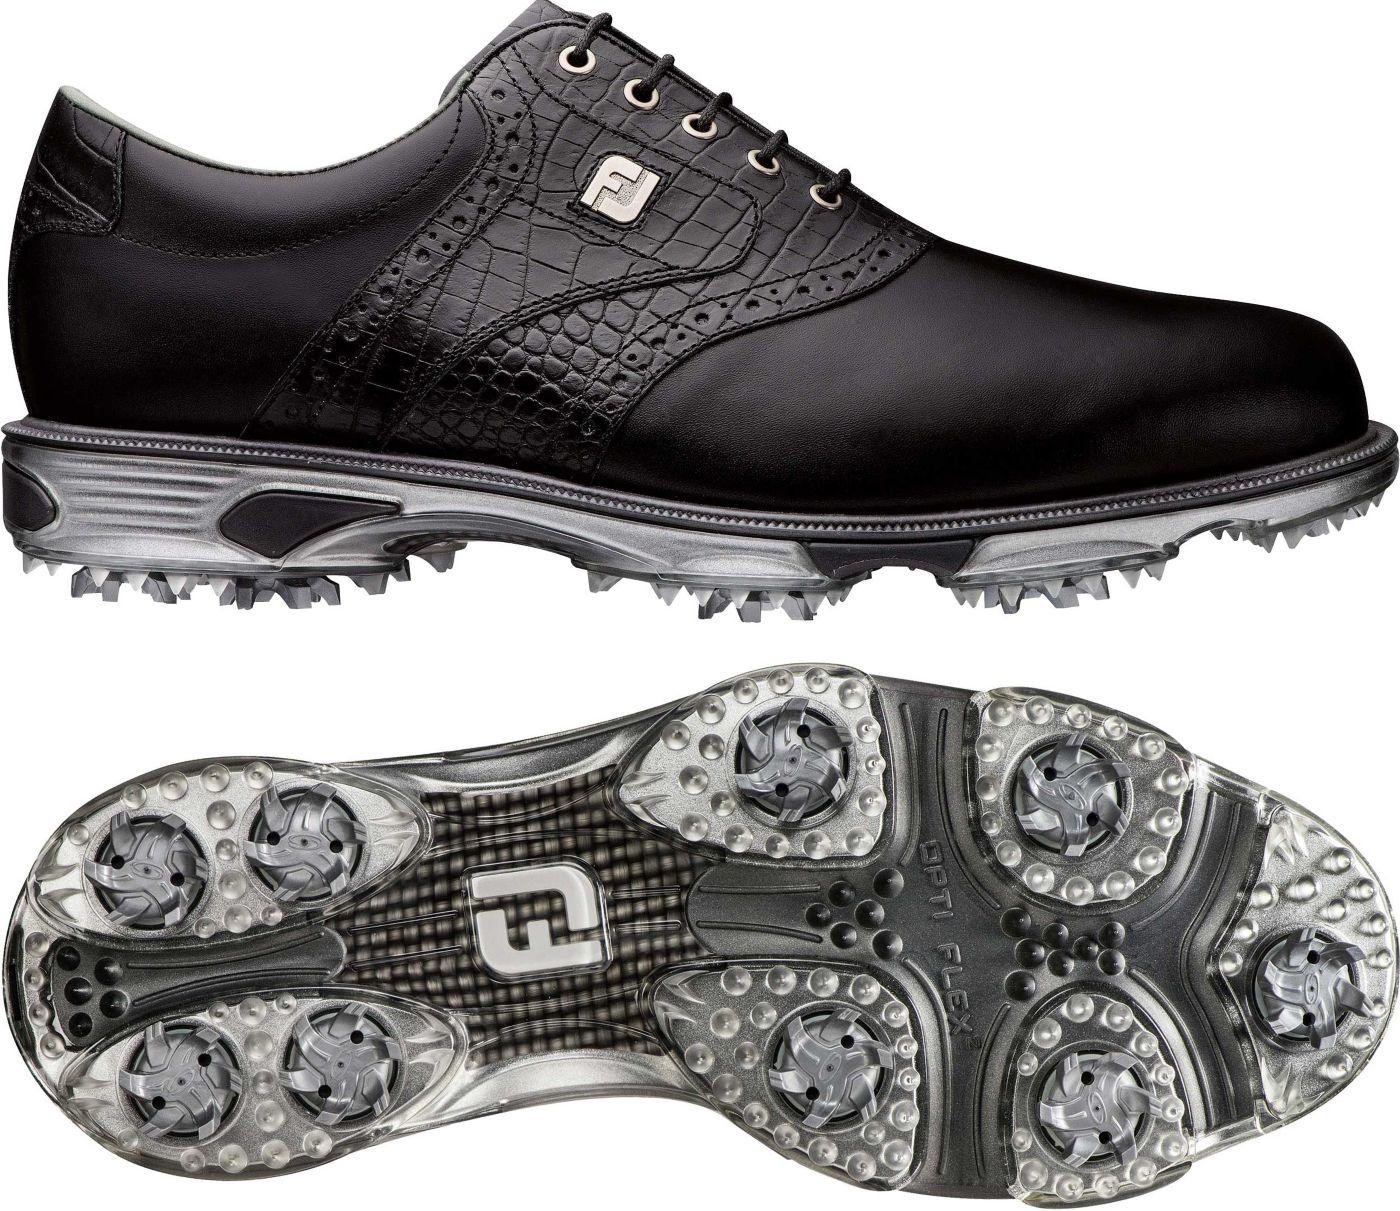 FootJoy DryJoys Tour Golf Shoes